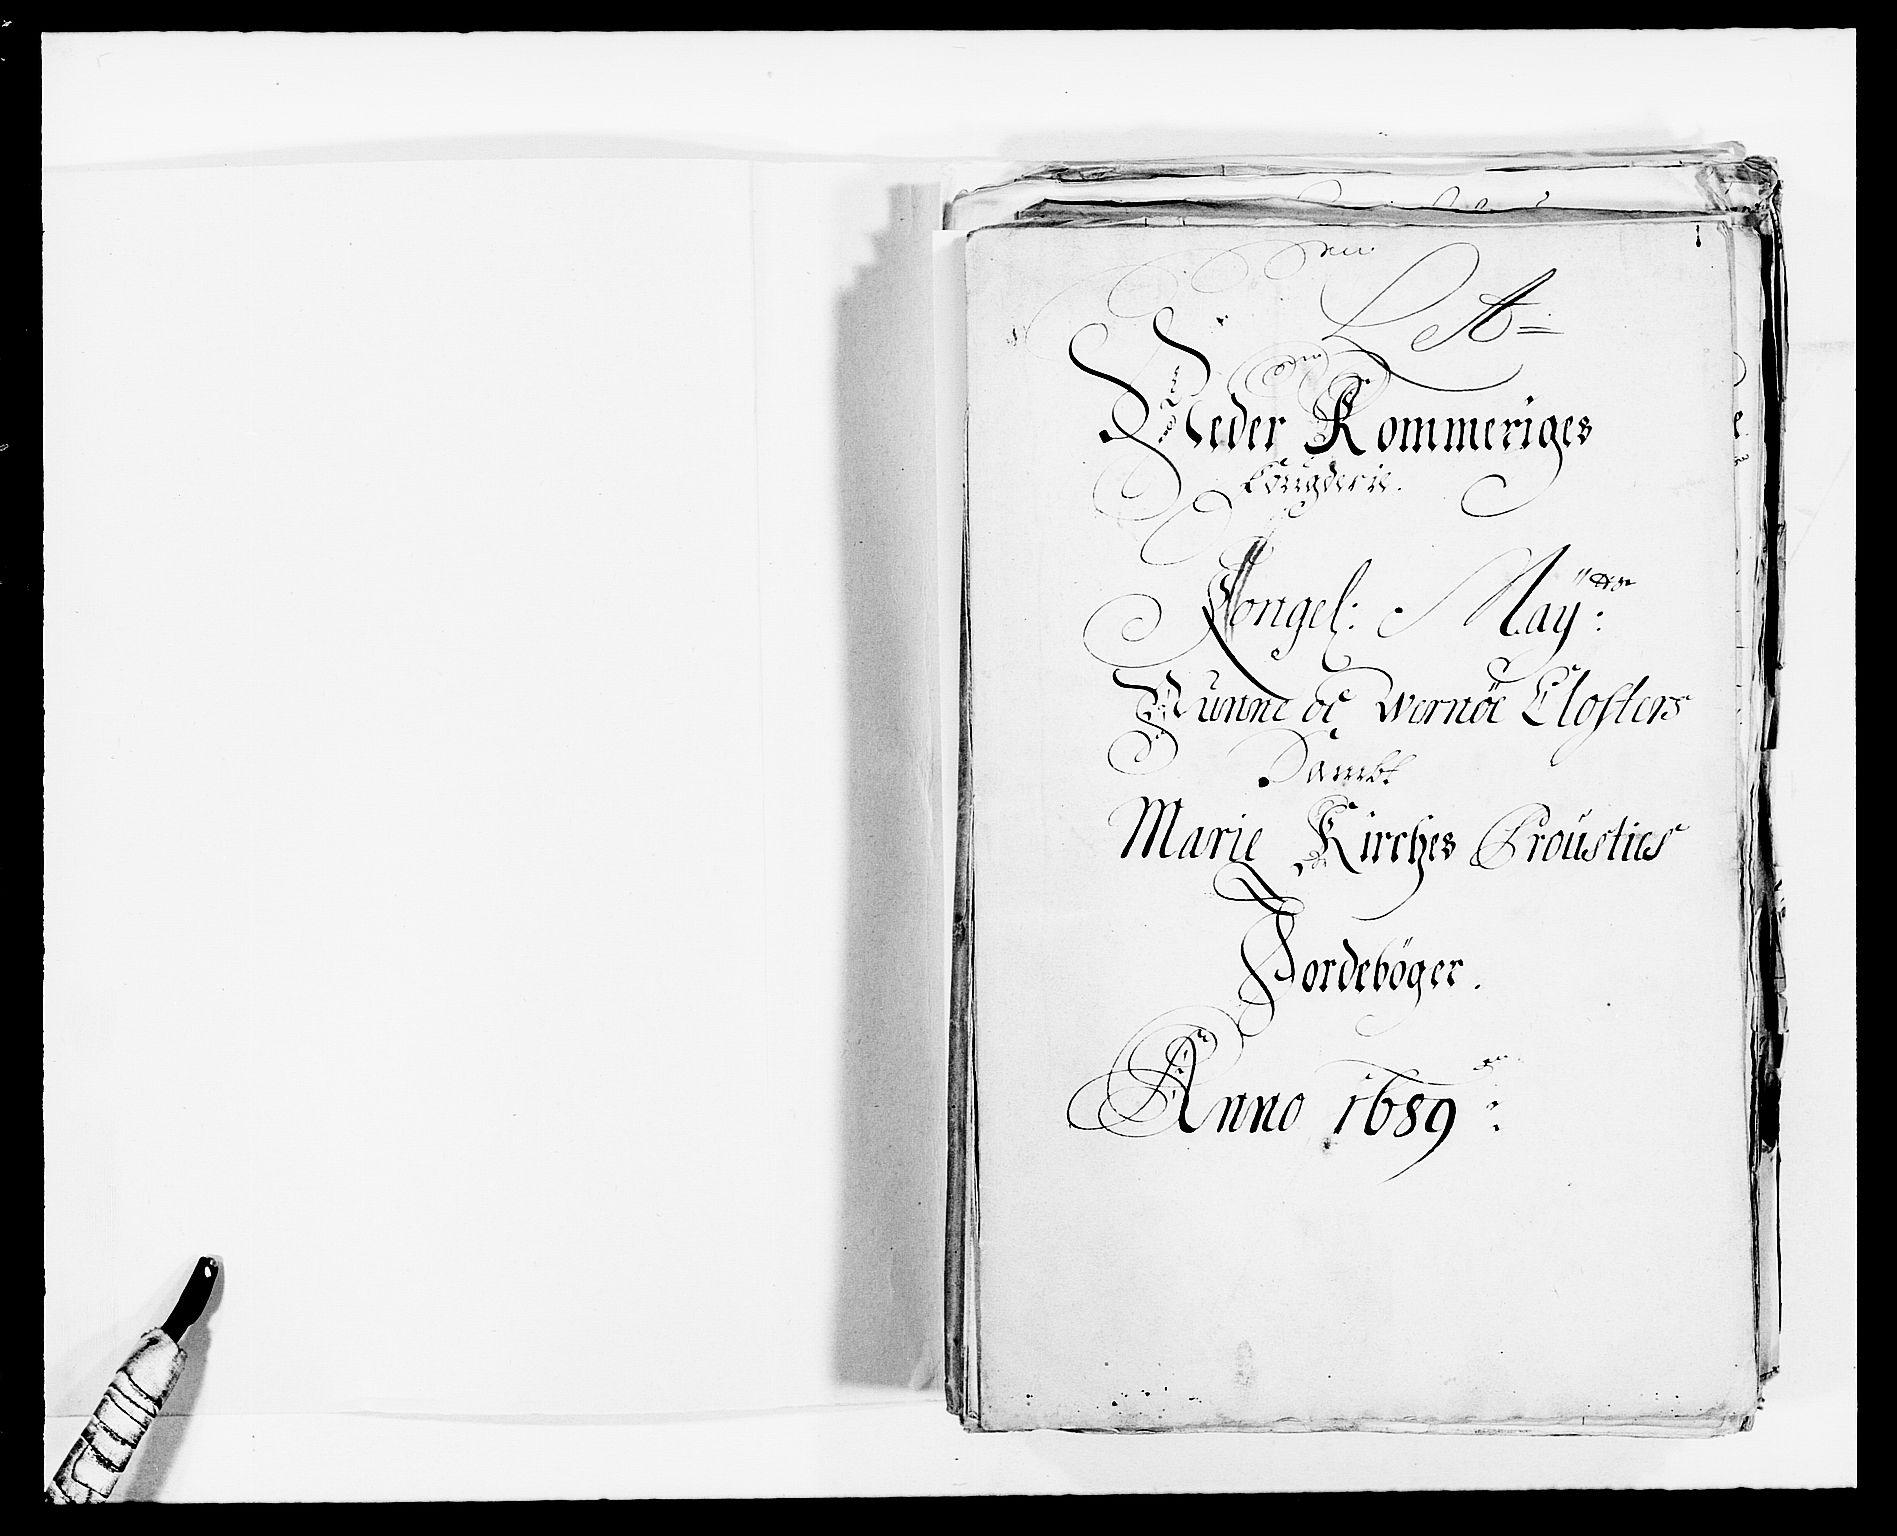 RA, Rentekammeret inntil 1814, Reviderte regnskaper, Fogderegnskap, R11/L0574: Fogderegnskap Nedre Romerike, 1689-1690, s. 2